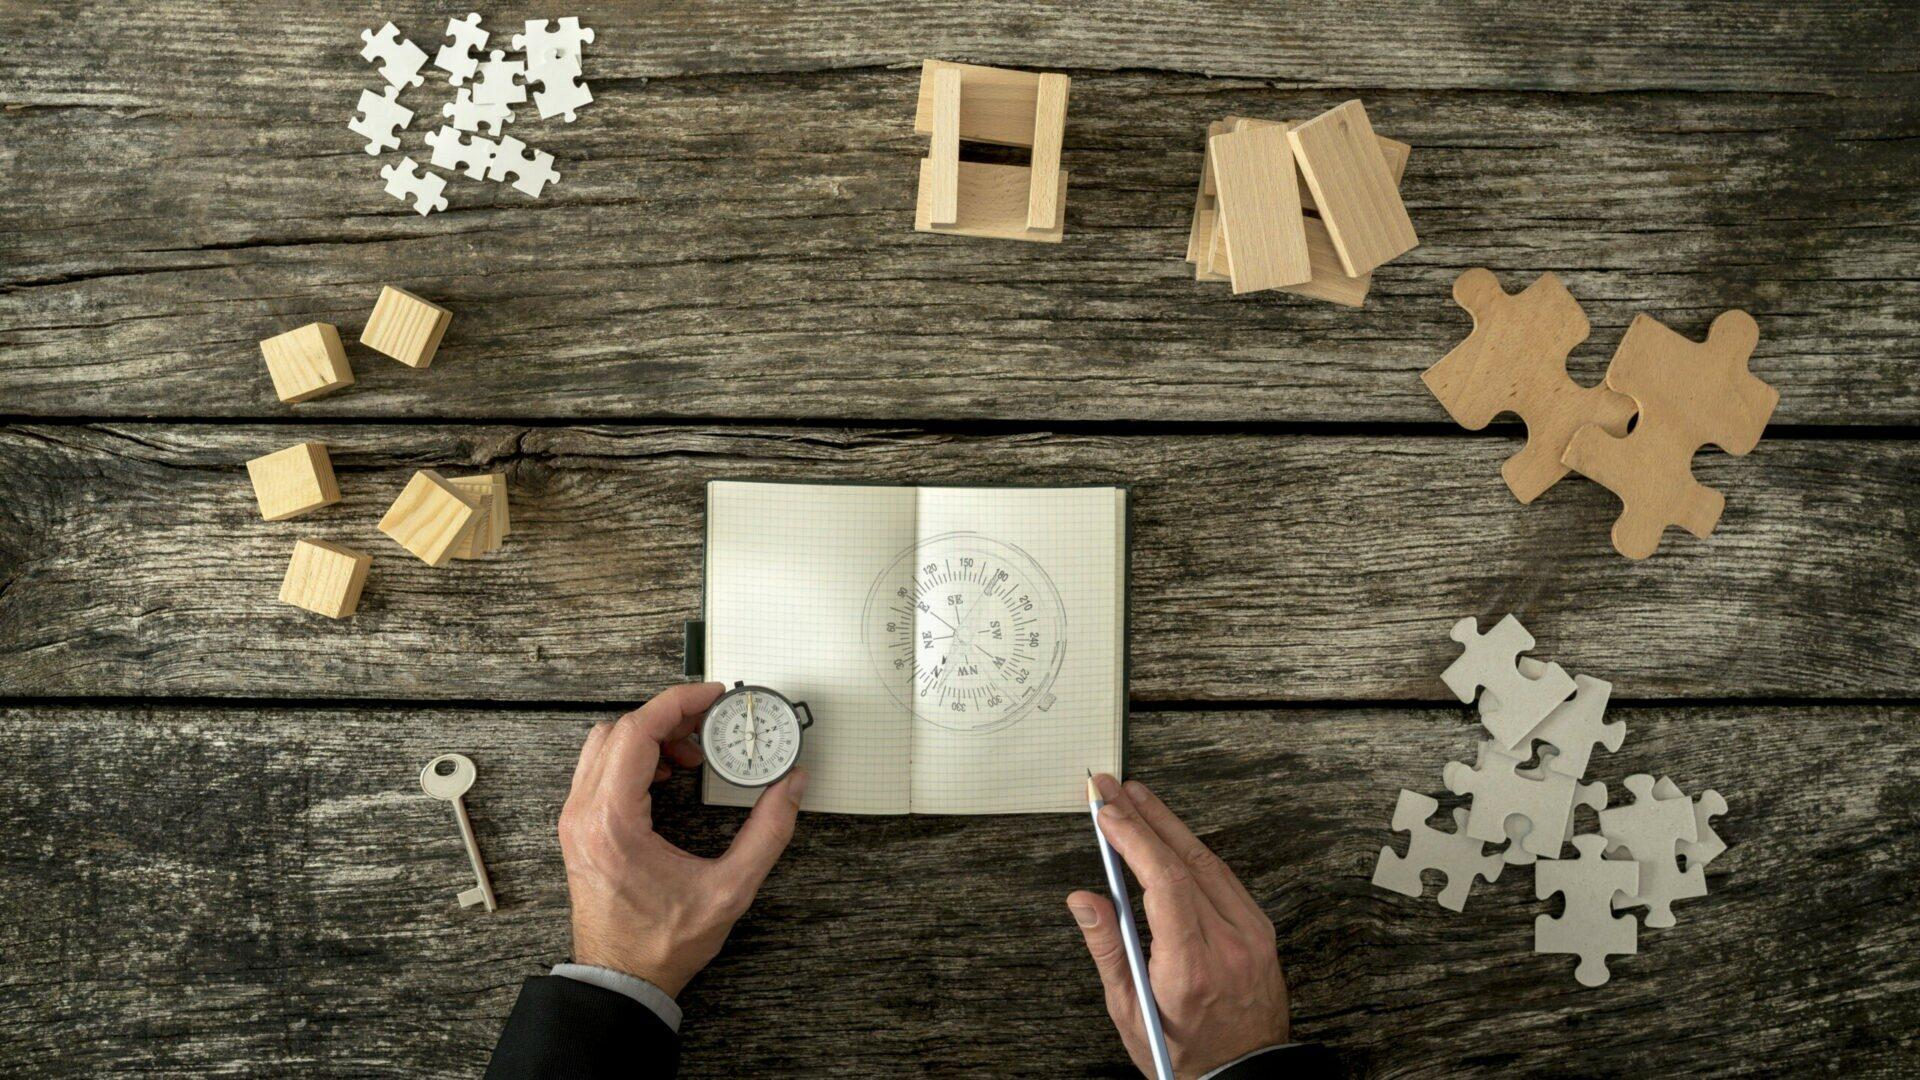 Sicht von oben auf ein Notizblock, in das ein Kompass gezeichnet ist. Ein Mann hält einen Kompass daneben. Puzzleteil sind rundherum angeordnet.